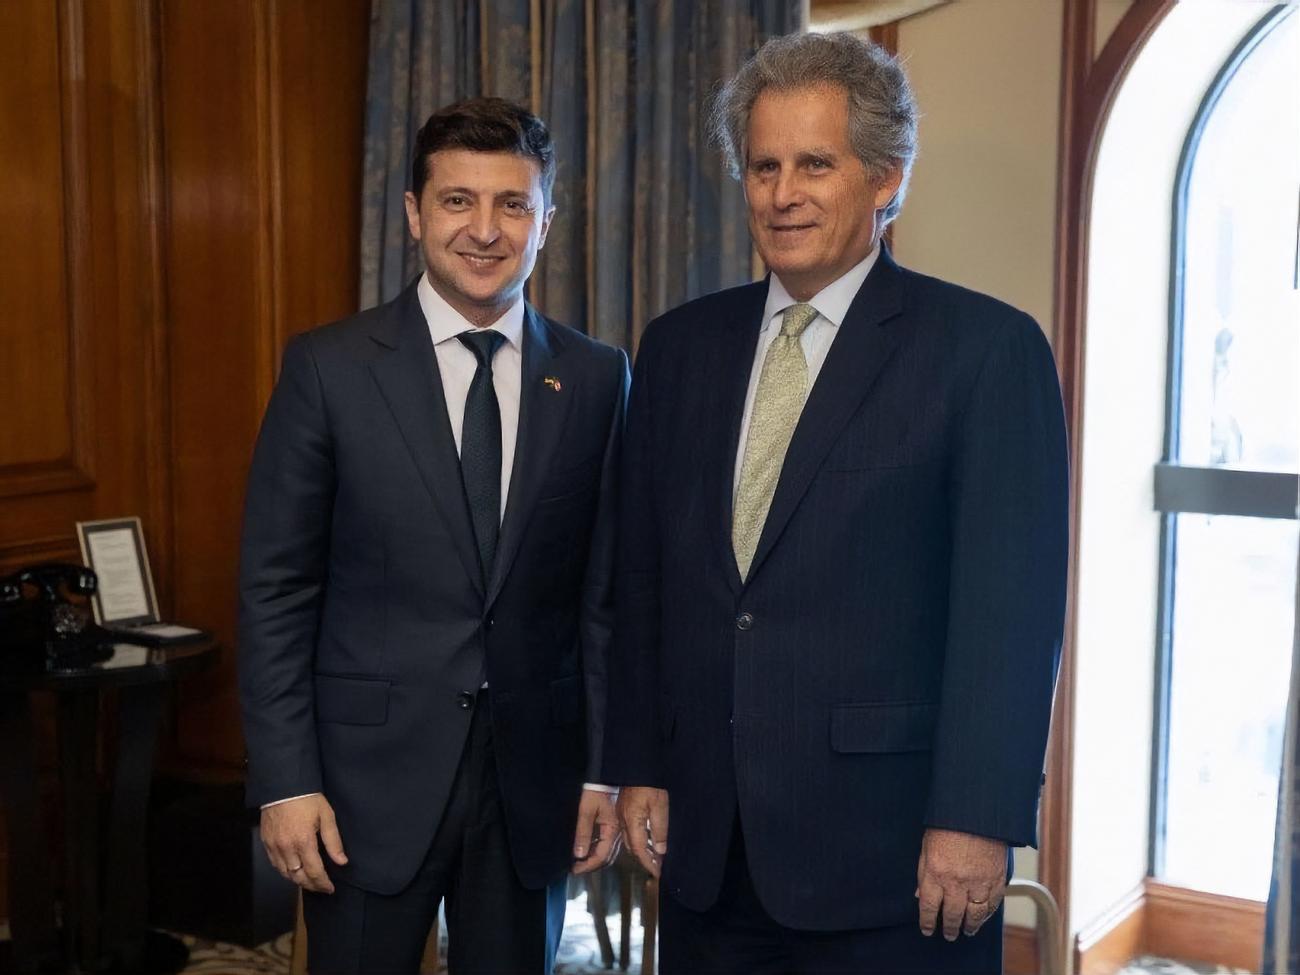 Украина, Экономика, МВФ, Липтон, Зеленский.